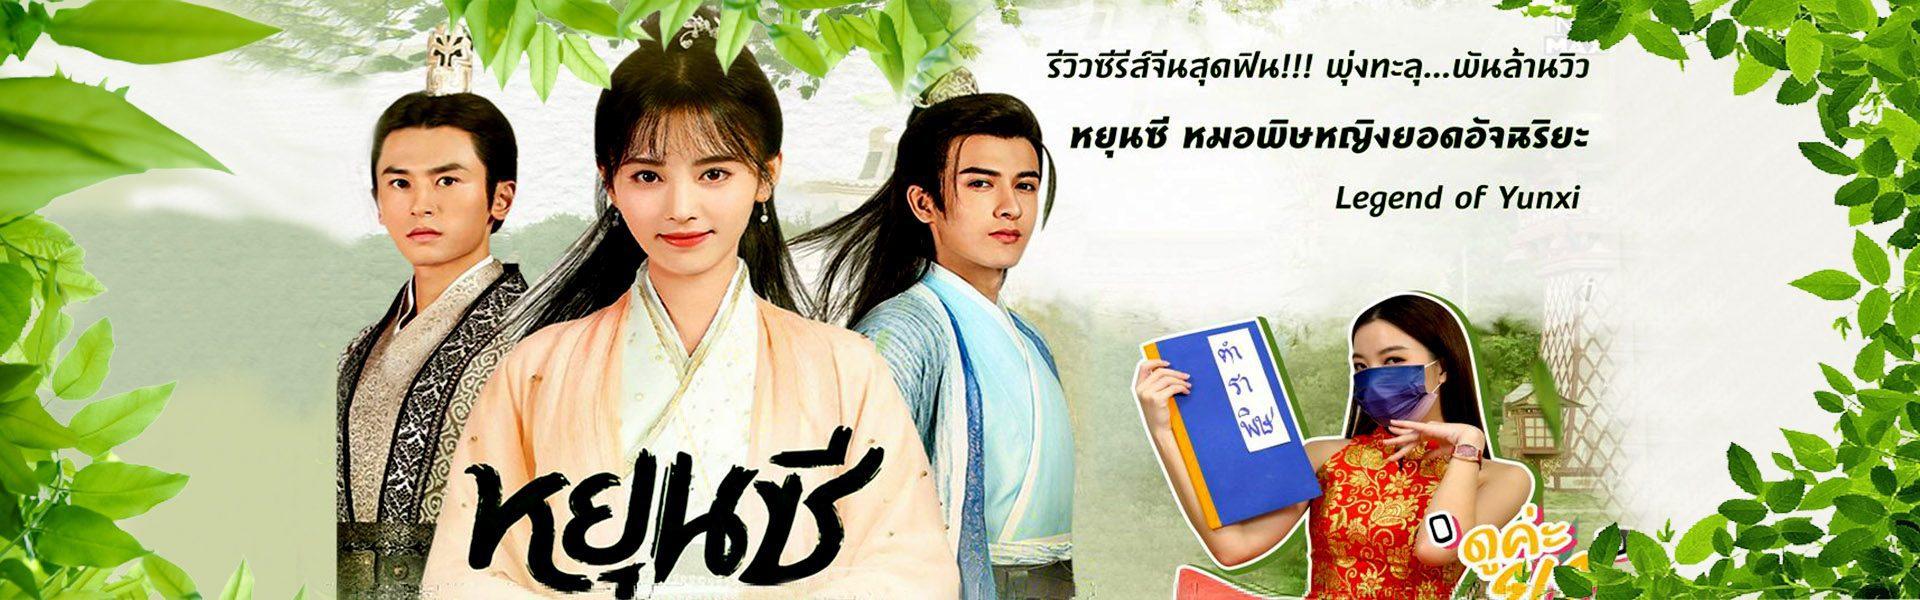 """รายการ """"ดูค่ะsis"""" ep.17 ตอน รีวิวซีรีส์จีน หยุนซี หมอพิษหญิงยอดอัจฉริยะ Legend of Yun Xi"""